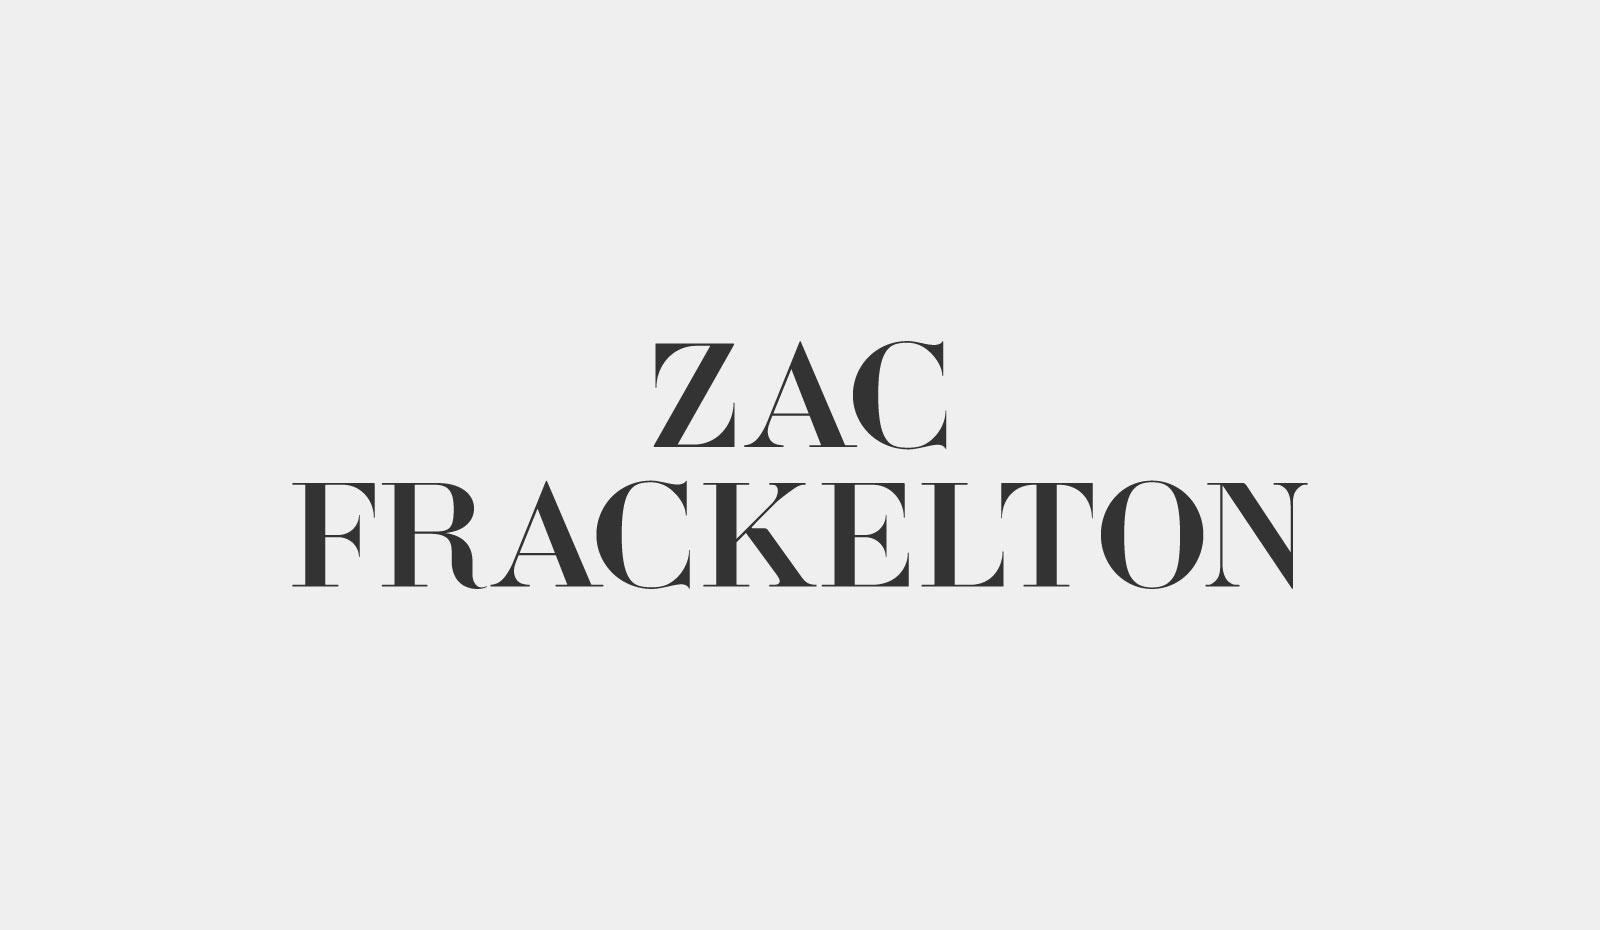 Zac Frackelton — SocioDesign — Design + Digital